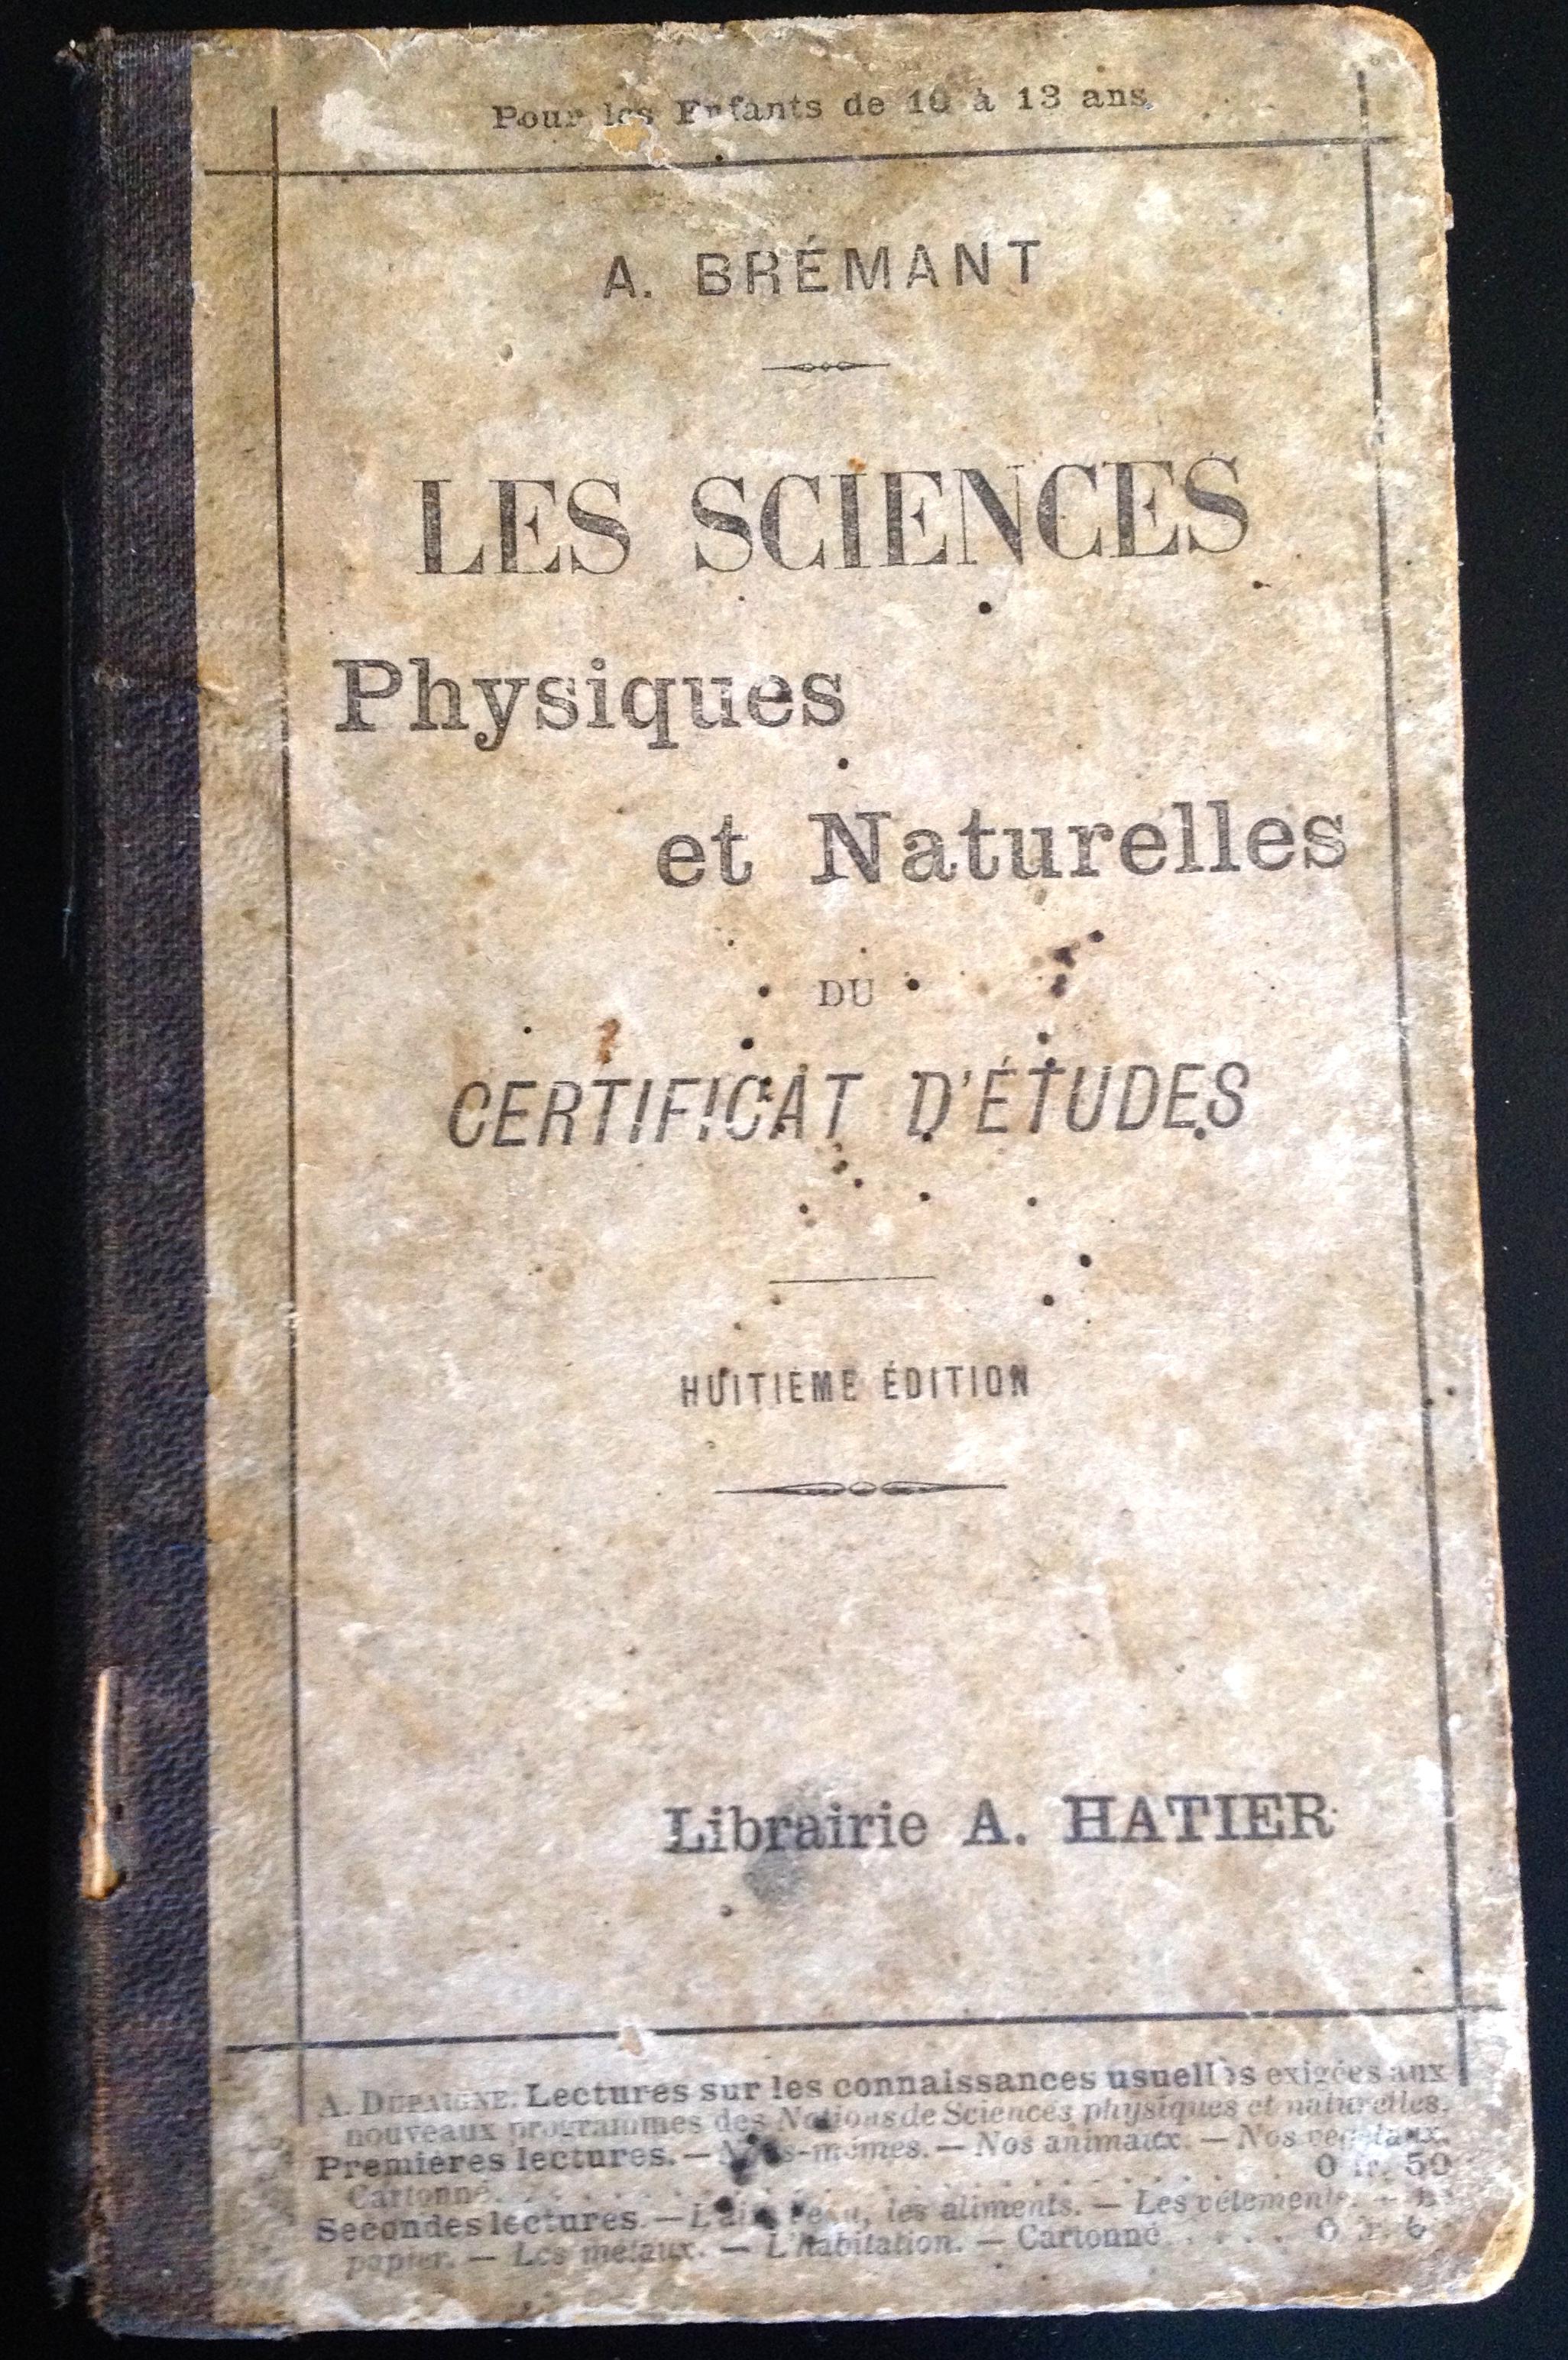 Livre Sciences physique et naturelles